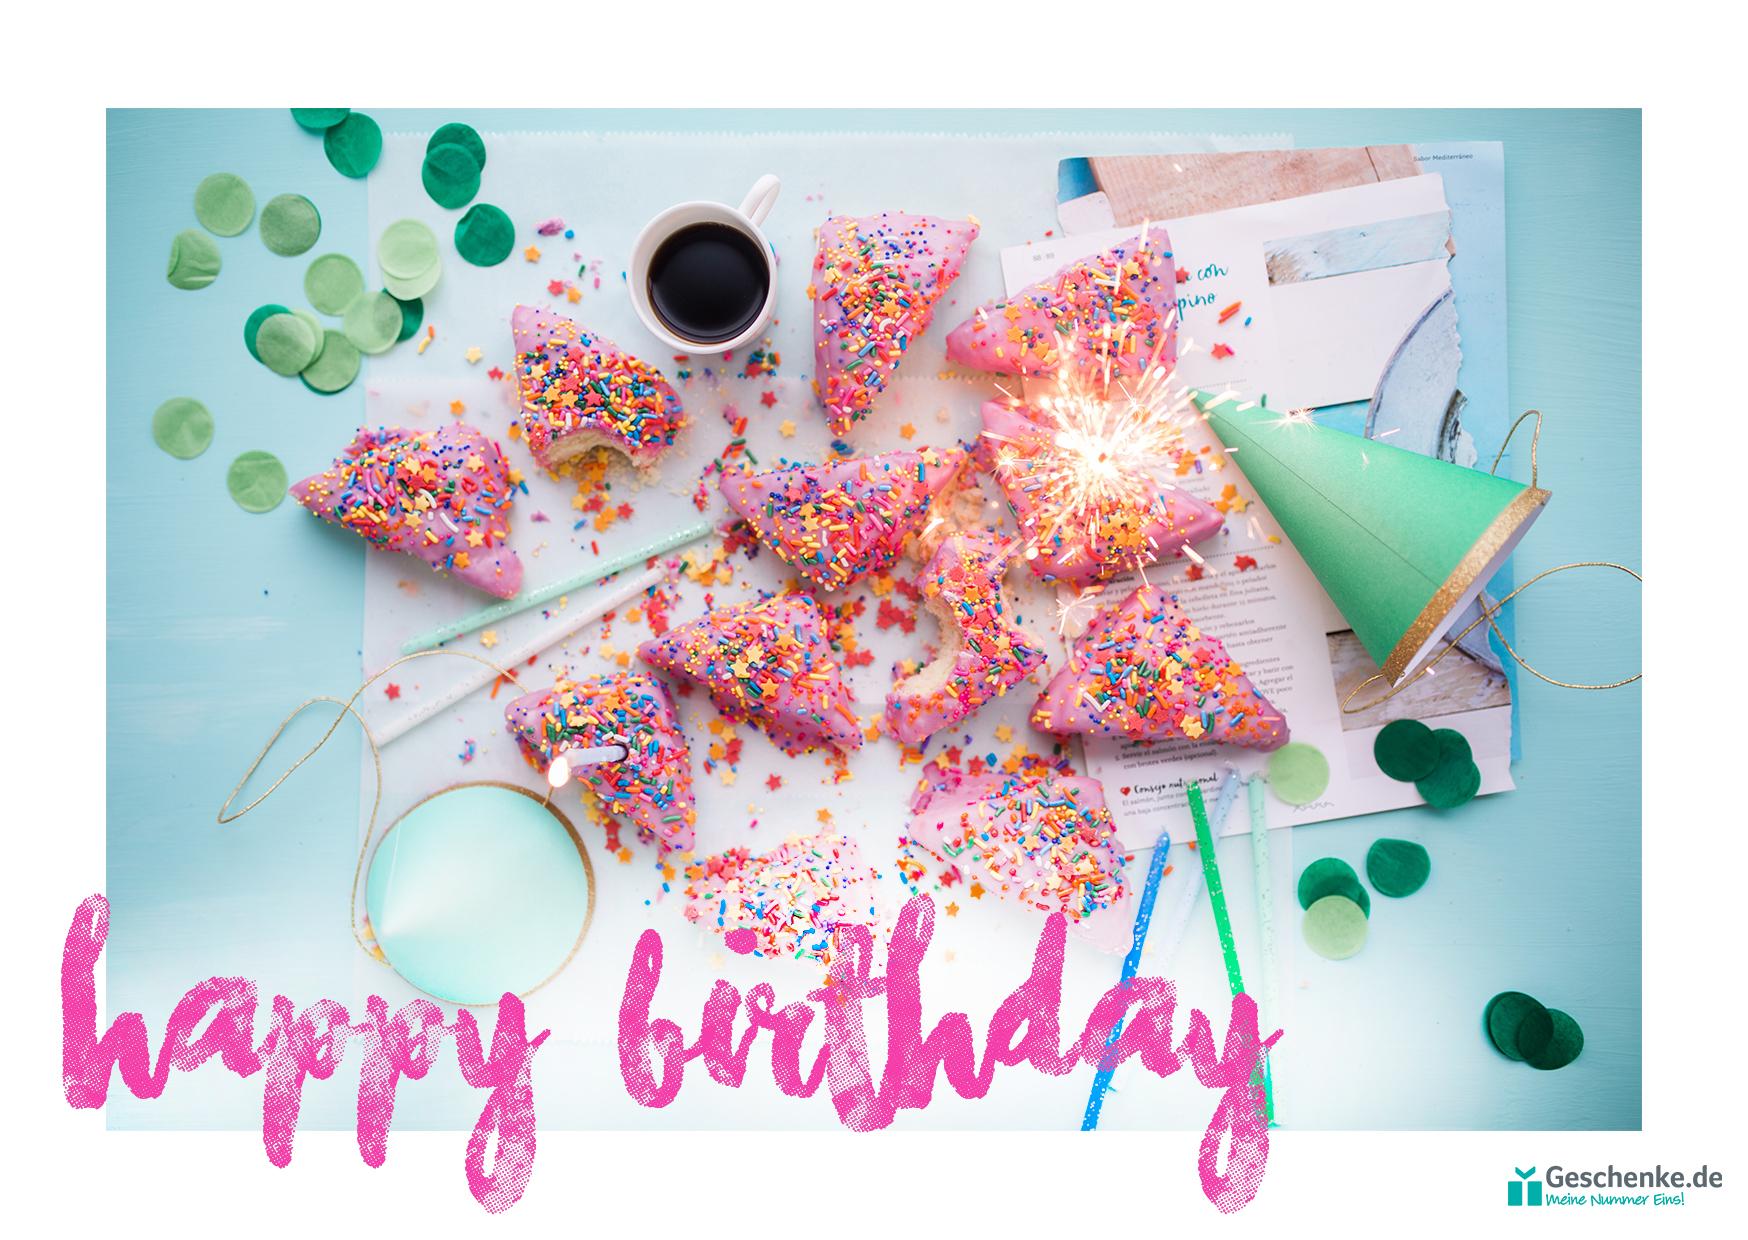 Geburtstagsbilder Kostenlose Bilder Zum Geburtstag Geschenke De